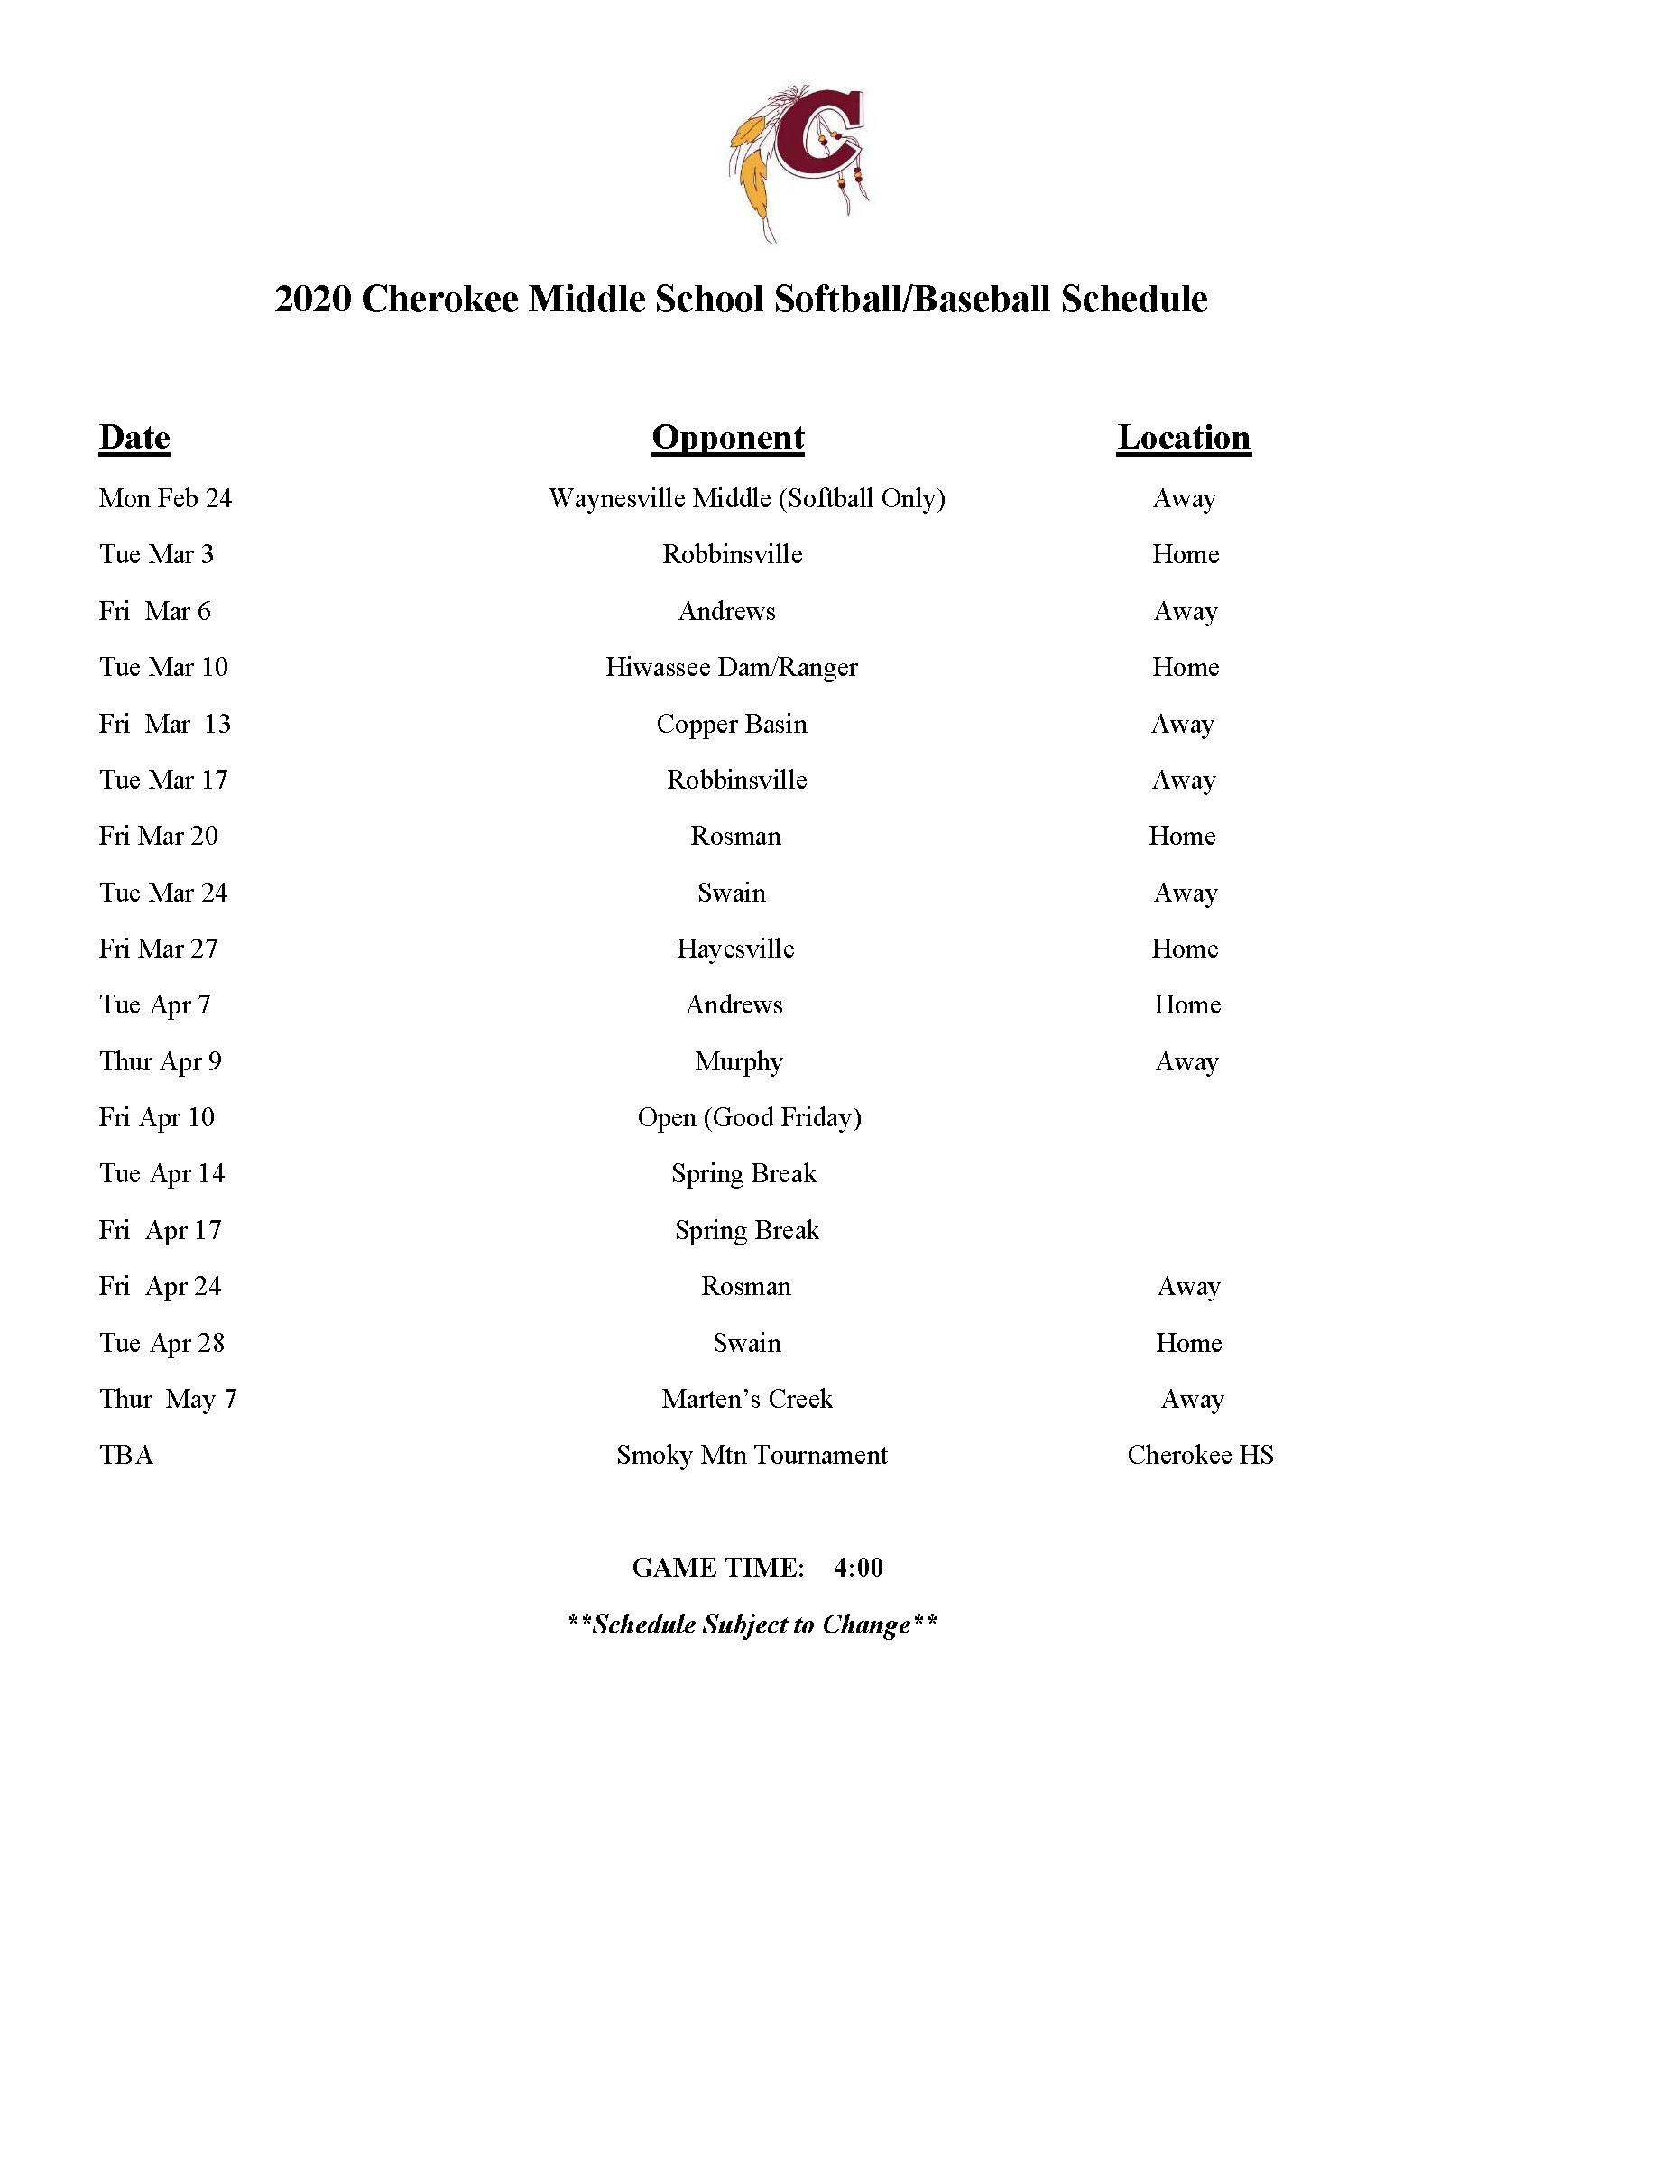 2020 CMS Baseball Schedule